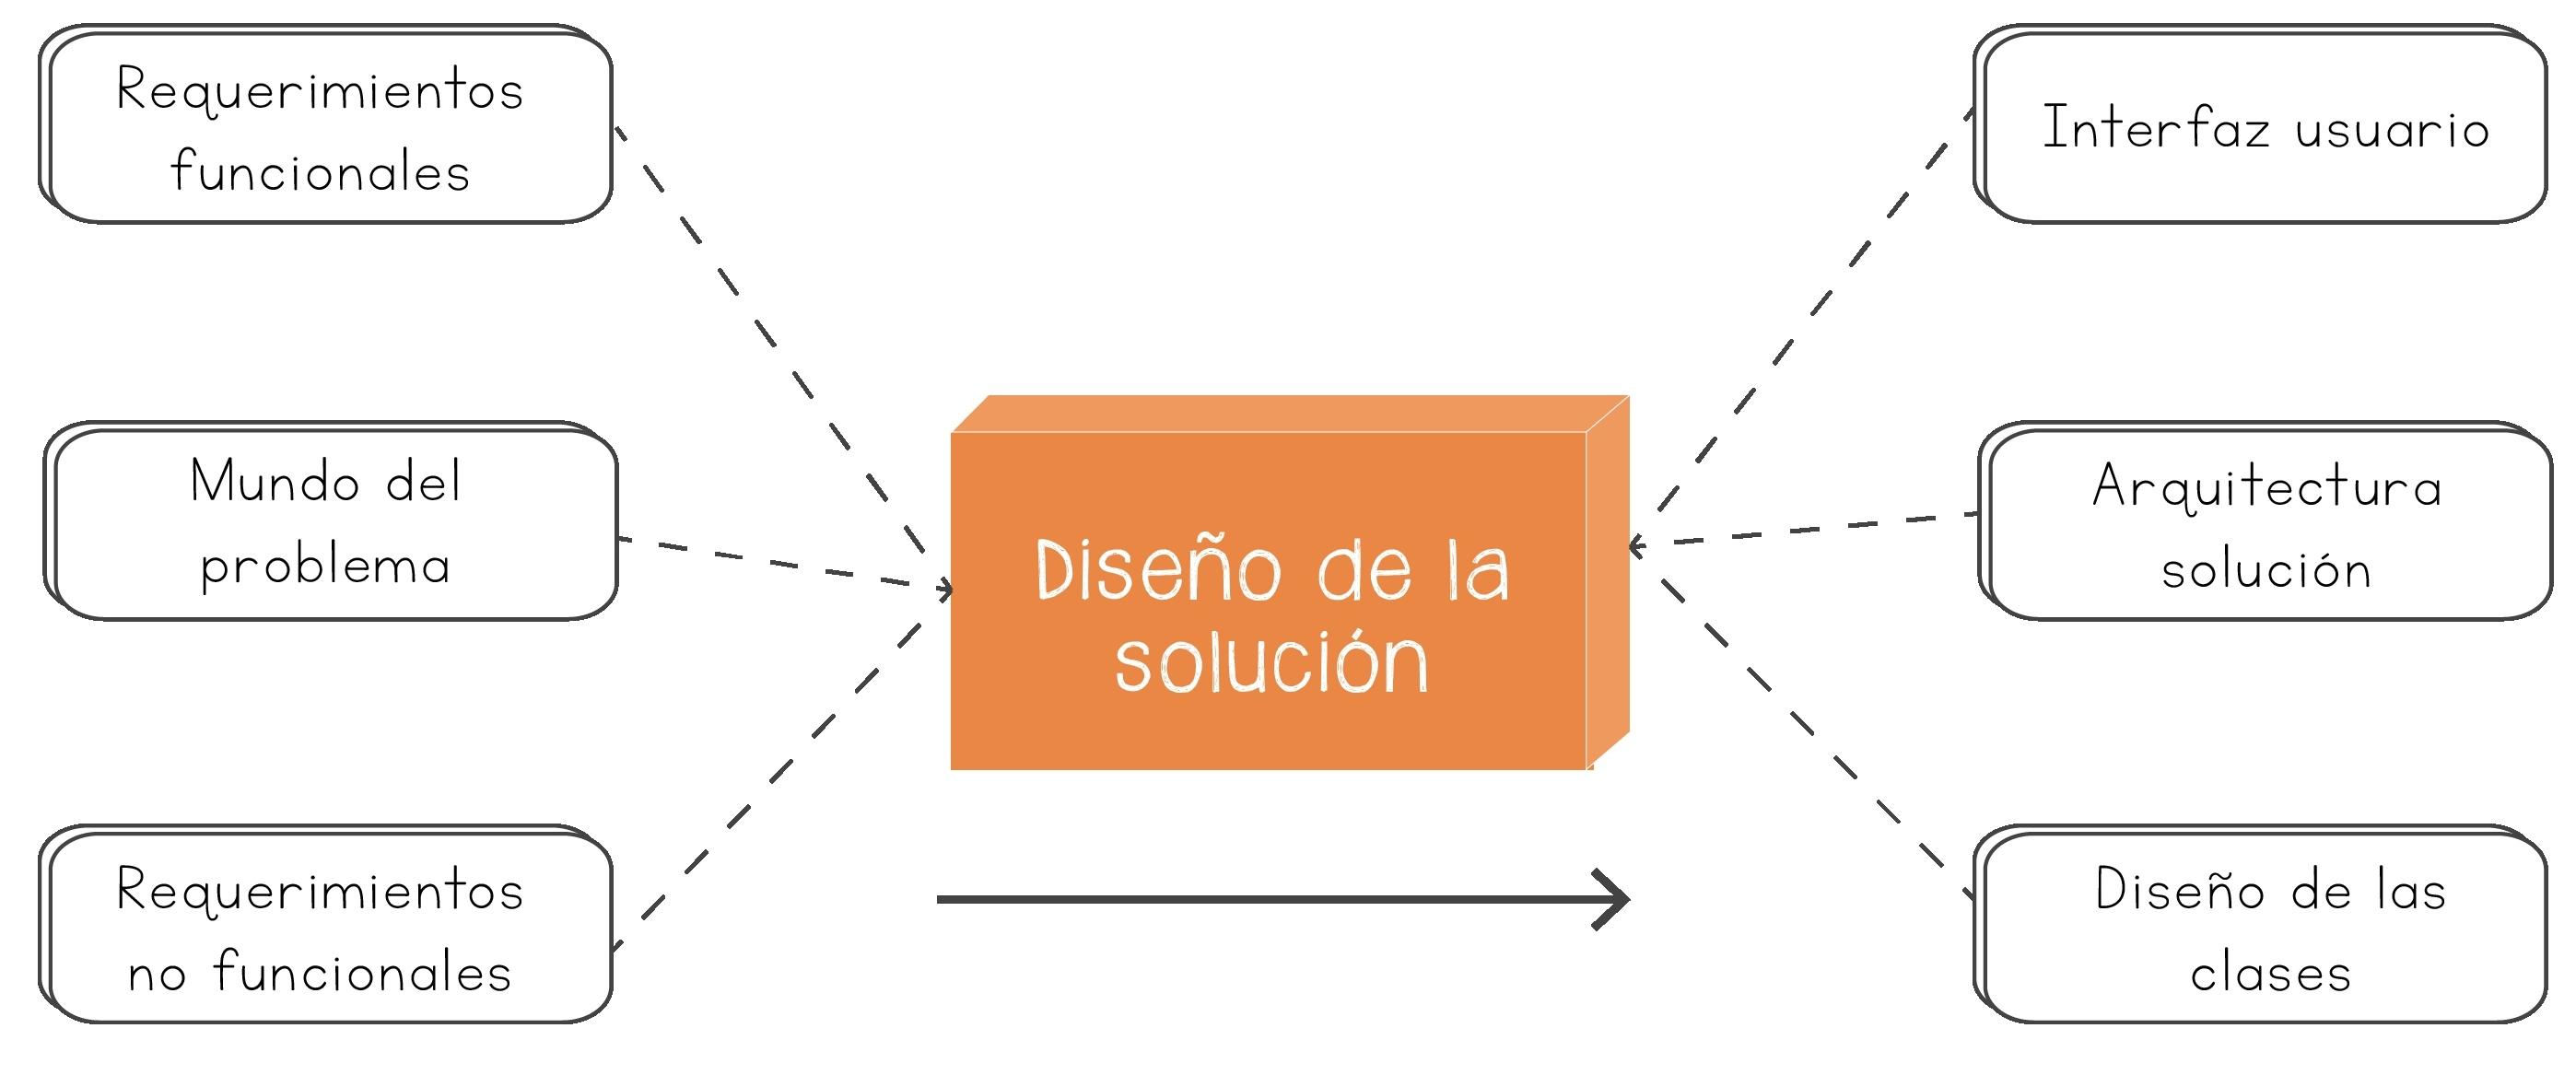 Dise o de la soluci n fundamentos de programaci n for 5 tecnicas de la arquitectura